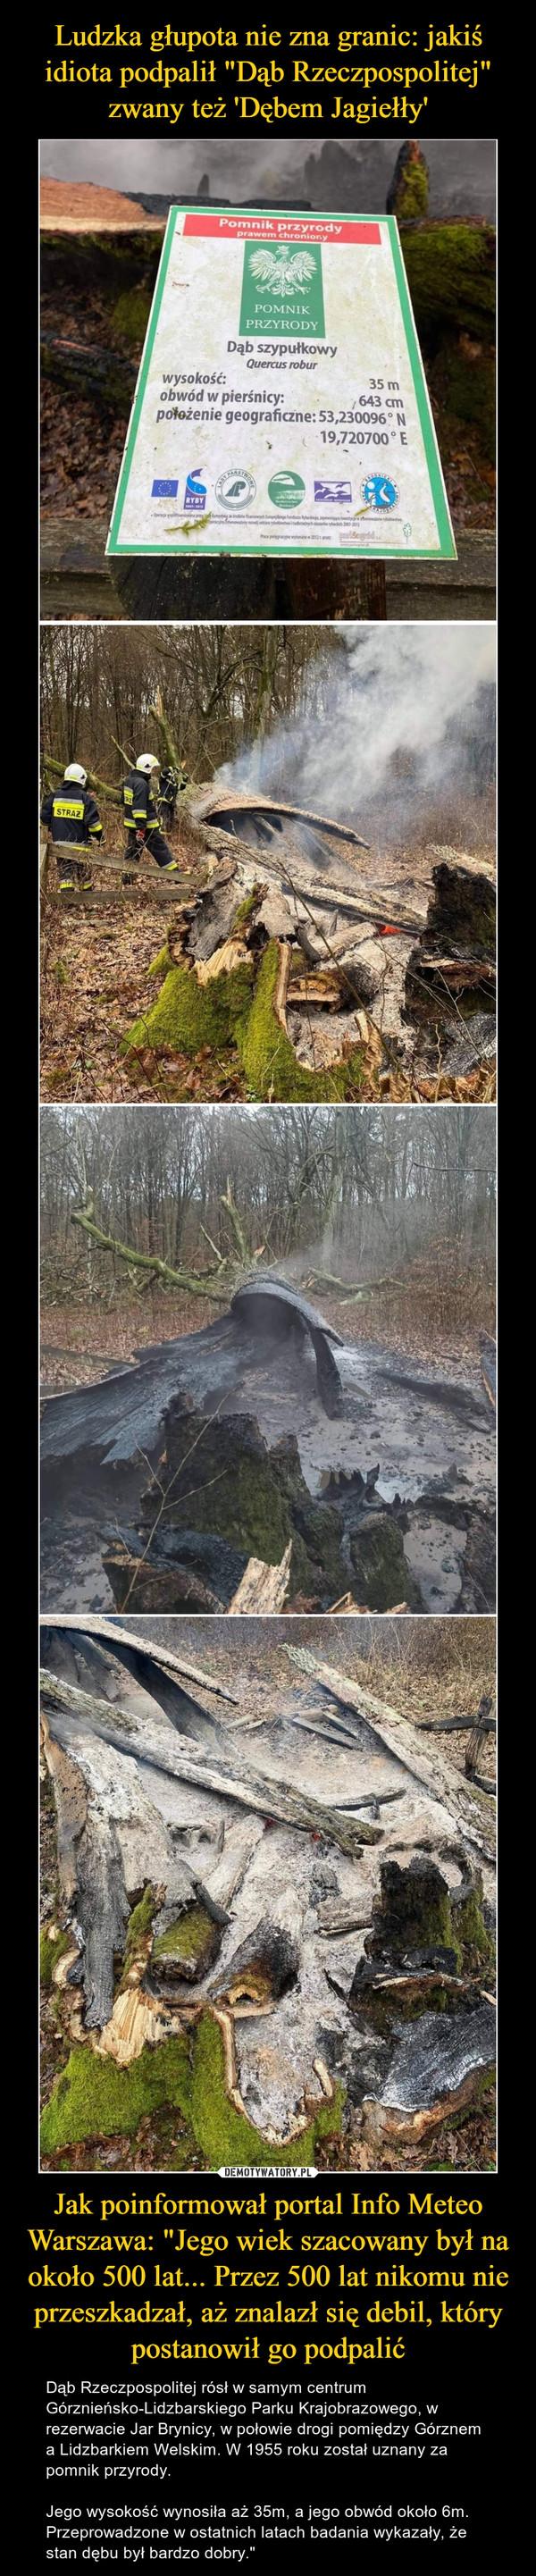 """Jak poinformował portal Info Meteo Warszawa: """"Jego wiek szacowany był na około 500 lat... Przez 500 lat nikomu nie przeszkadzał, aż znalazł się debil, który postanowił go podpalić – Dąb Rzeczpospolitej rósł w samym centrum Górznieńsko-Lidzbarskiego Parku Krajobrazowego, w rezerwacie Jar Brynicy, w połowie drogi pomiędzy Górznem a Lidzbarkiem Welskim. W 1955 roku został uznany za pomnik przyrody. Jego wysokość wynosiła aż 35m, a jego obwód około 6m. Przeprowadzone w ostatnich latach badania wykazały, że stan dębu był bardzo dobry."""""""